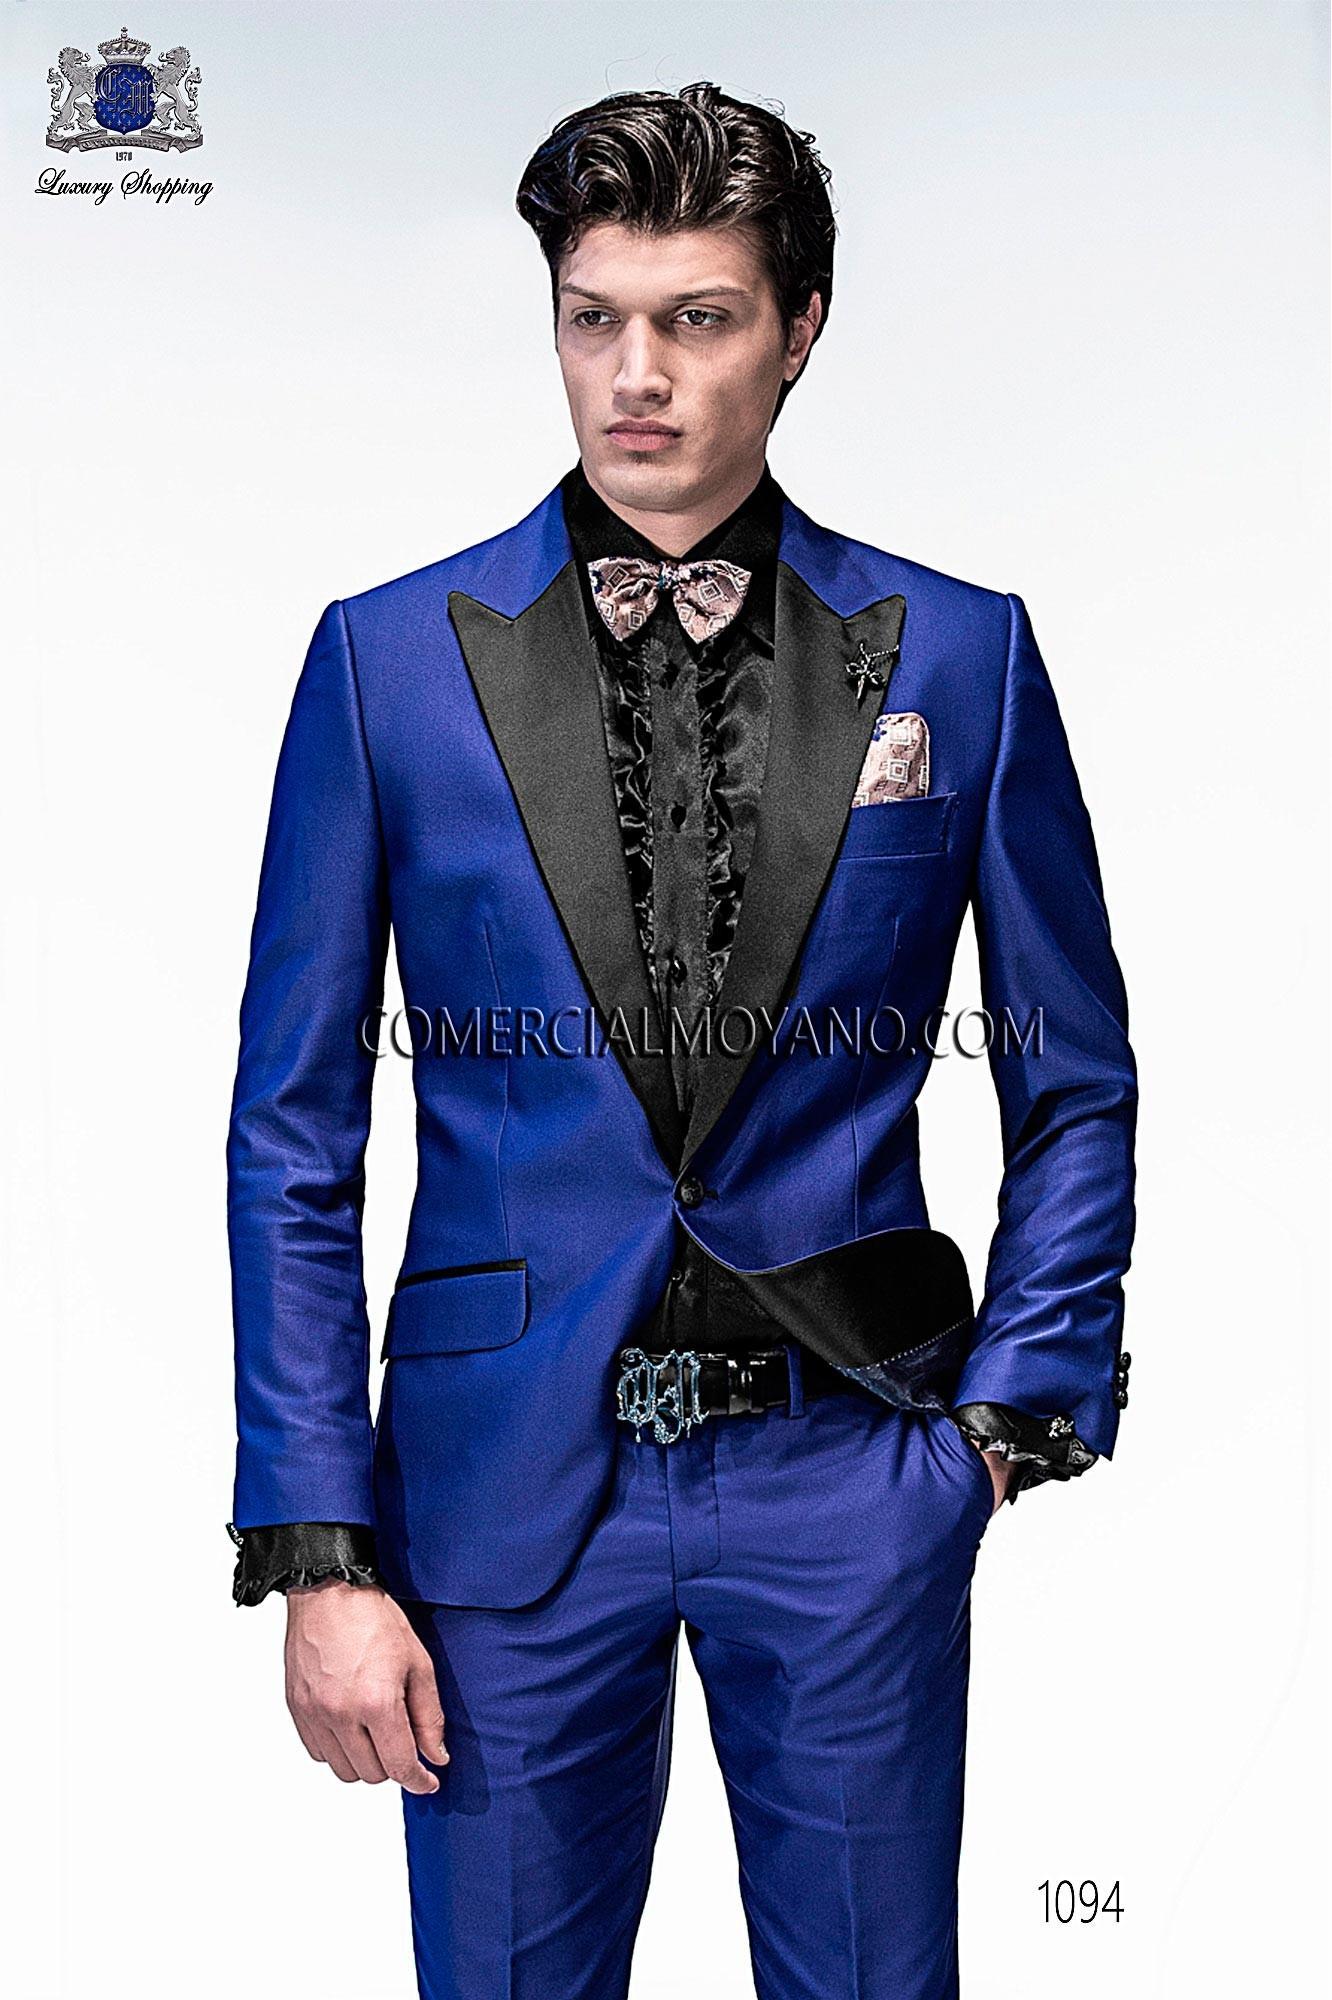 Traje Emotion de novio azul modelo: 1094 Ottavio Nuccio Gala colección Emotion 2017